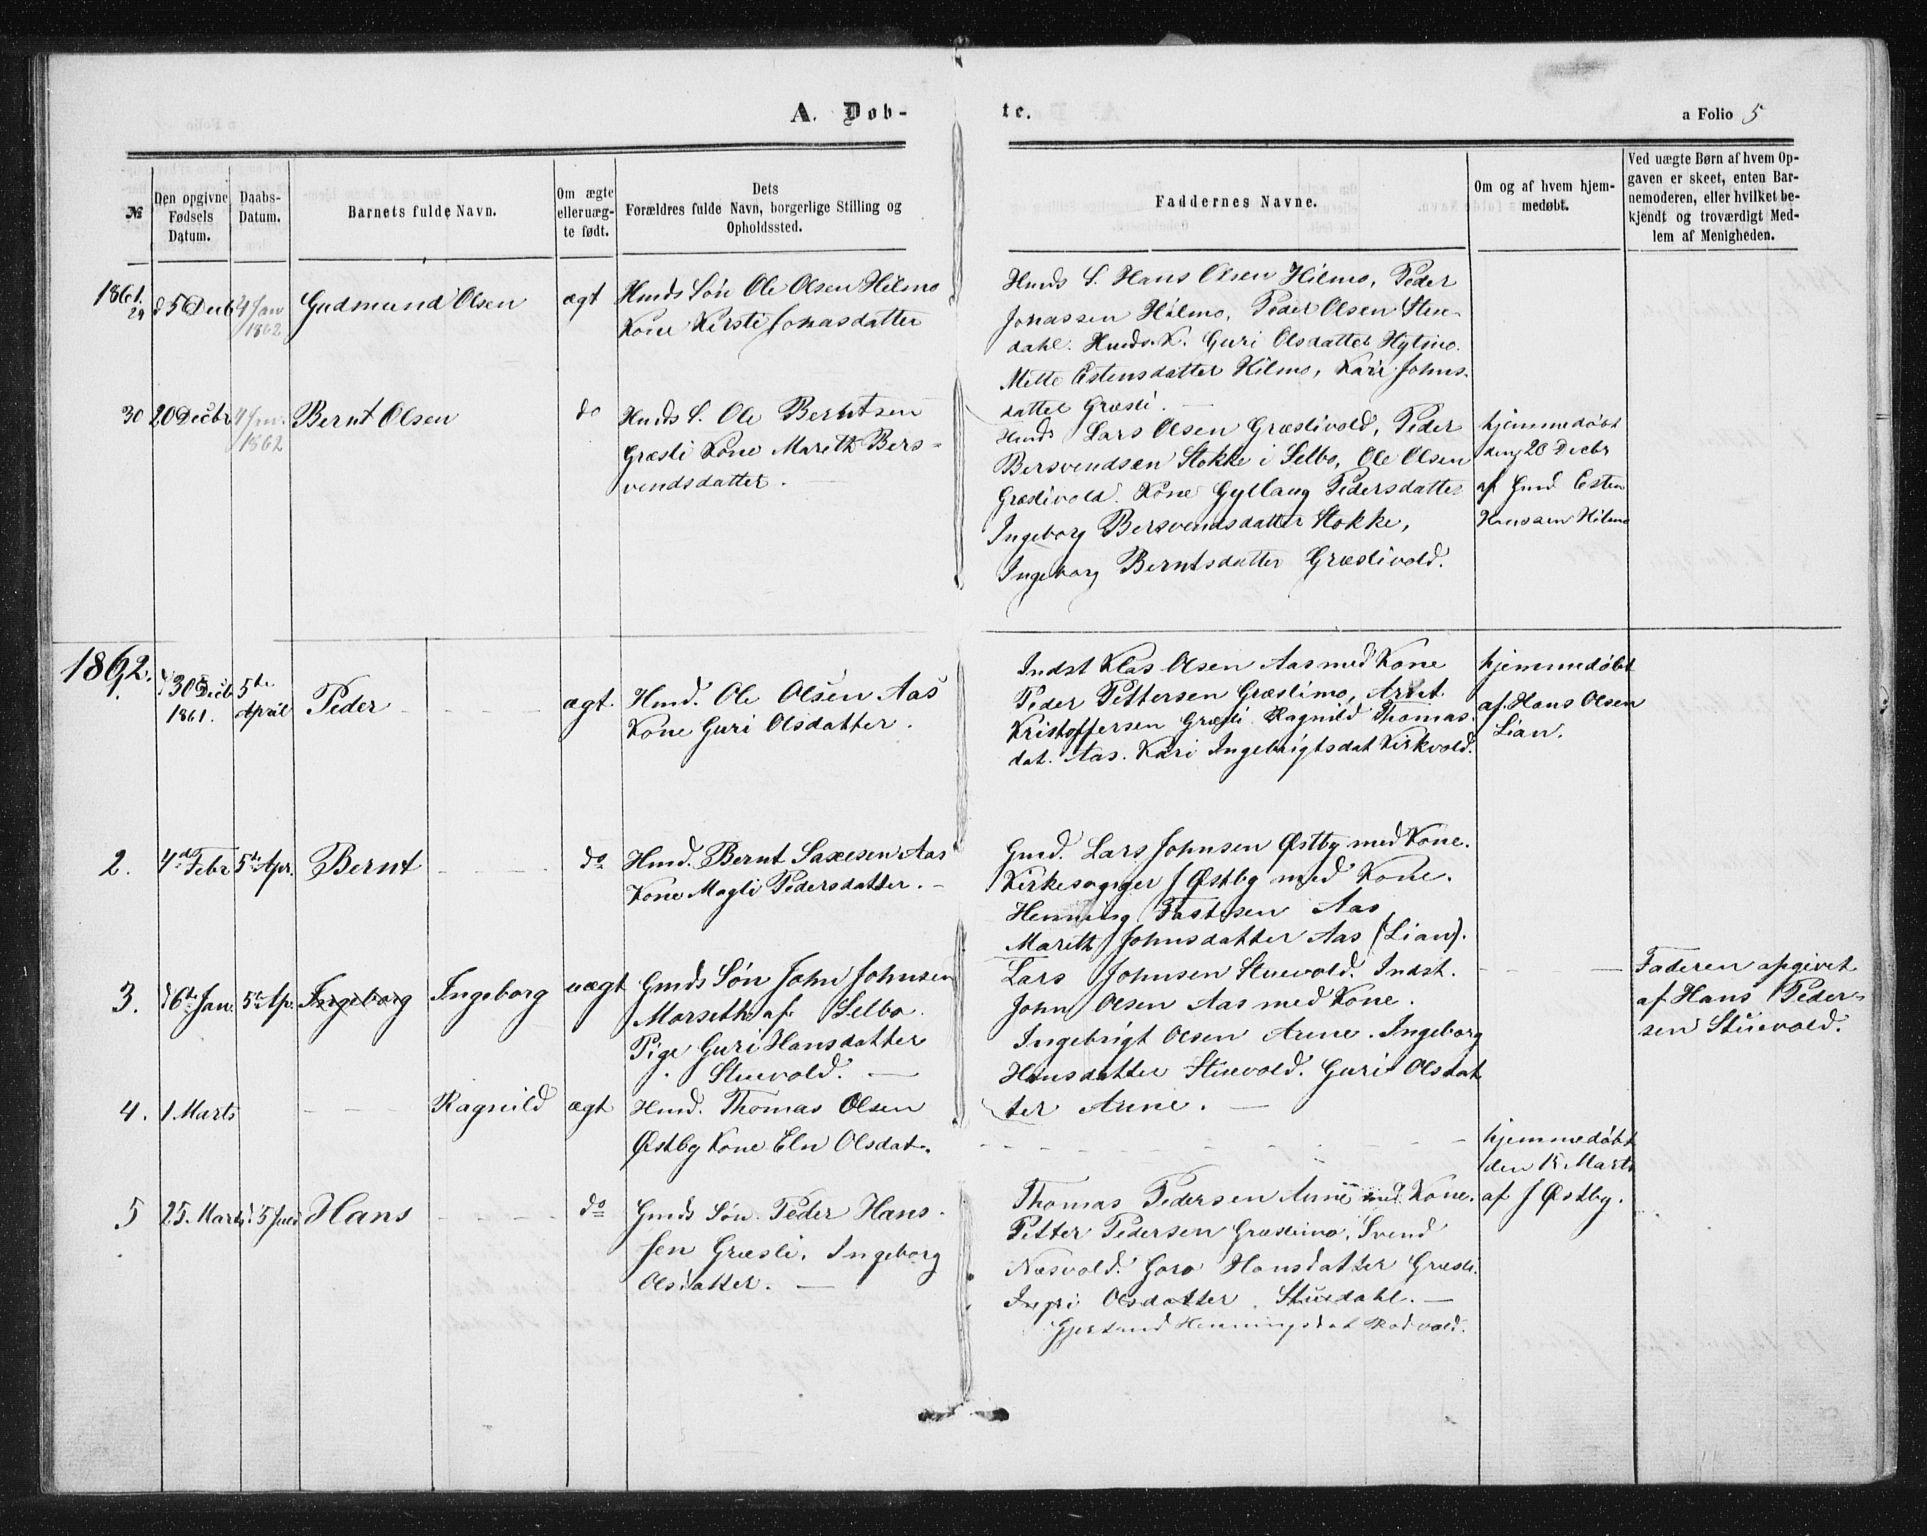 SAT, Ministerialprotokoller, klokkerbøker og fødselsregistre - Sør-Trøndelag, 698/L1166: Klokkerbok nr. 698C03, 1861-1887, s. 5